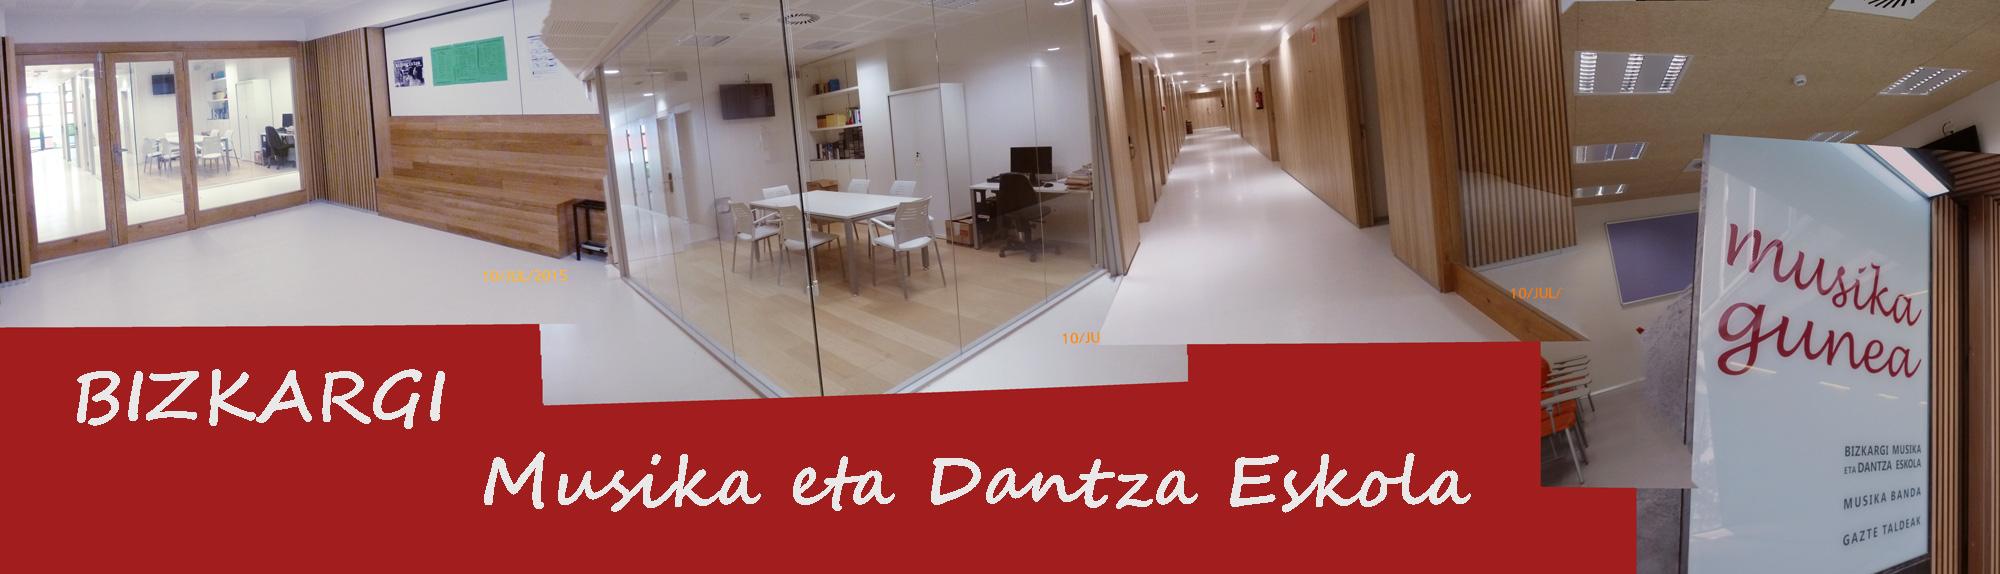 Bizkargi Musika eta Dantza Eskola